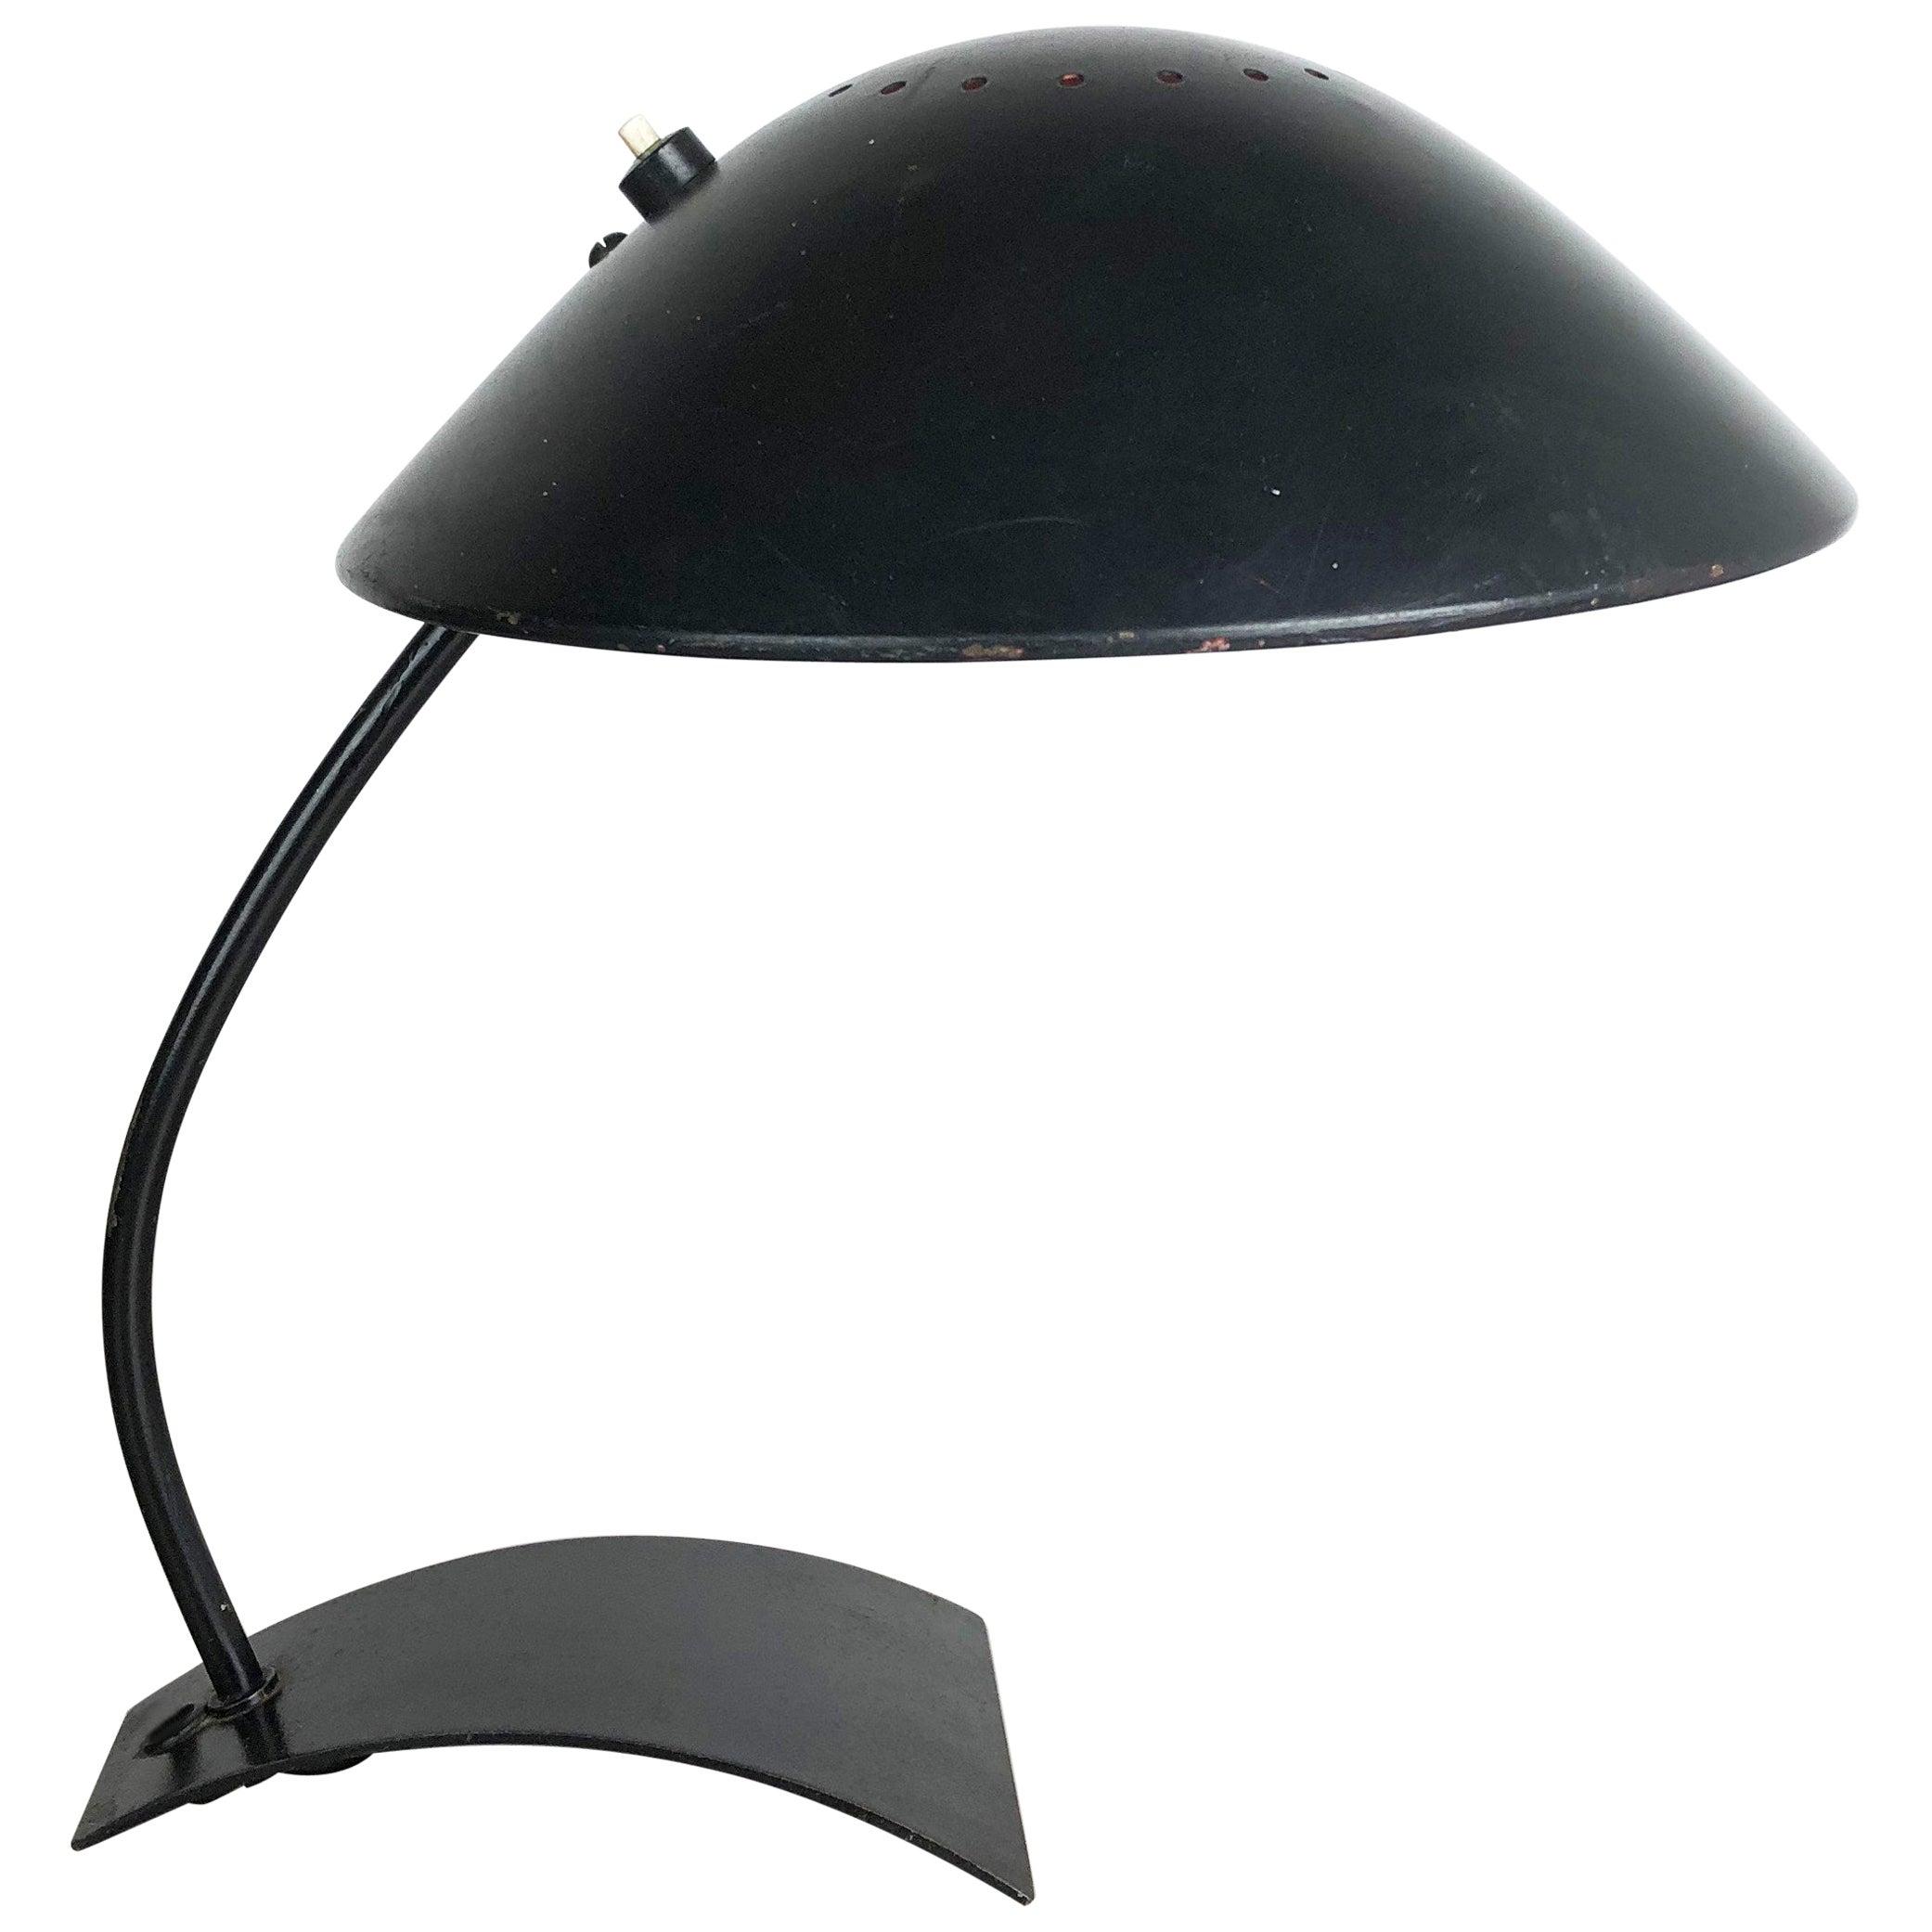 German Black Kaiser Idell 6840 Bauhaus Desk Light Christian Dell, Germany, 1950s